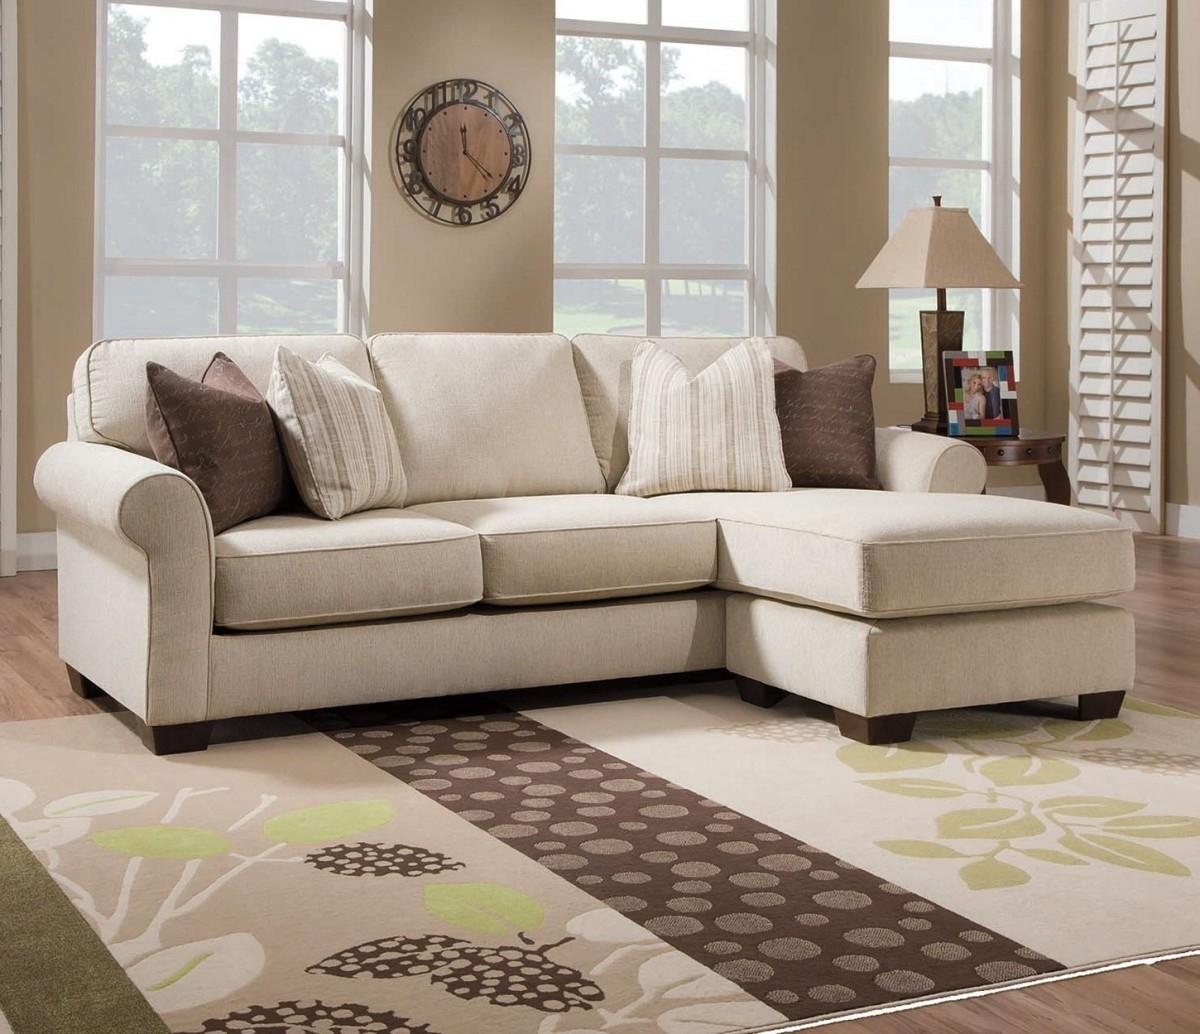 sectional sofas canada sofa de 3 lugares simples e barato 10 photos for small spaces ideas